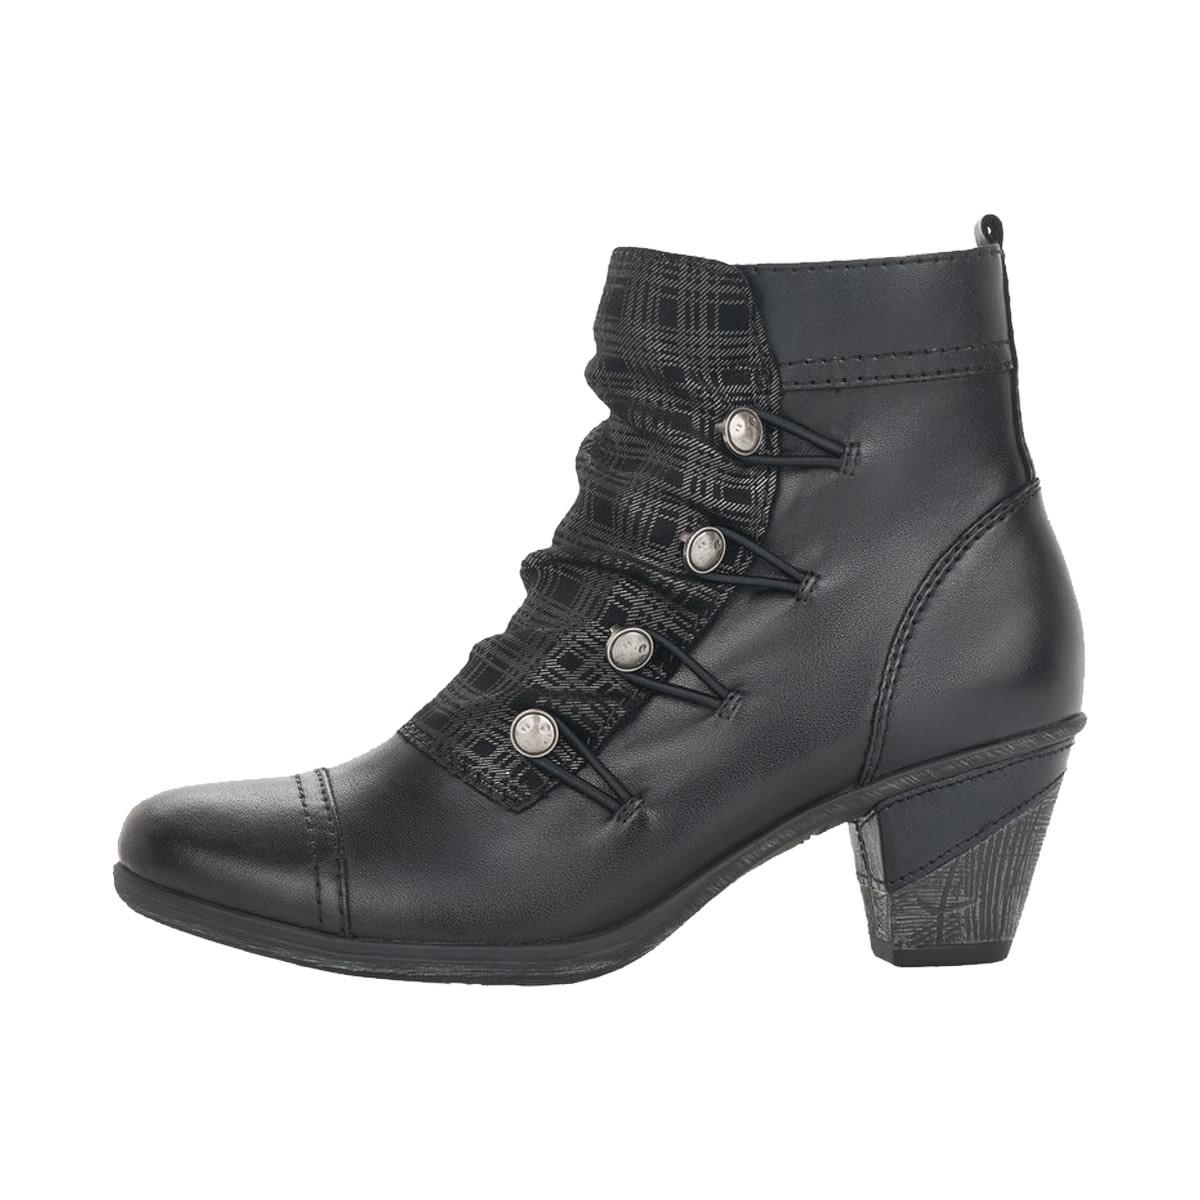 Remonte Remonte Women's D8792-04 Black